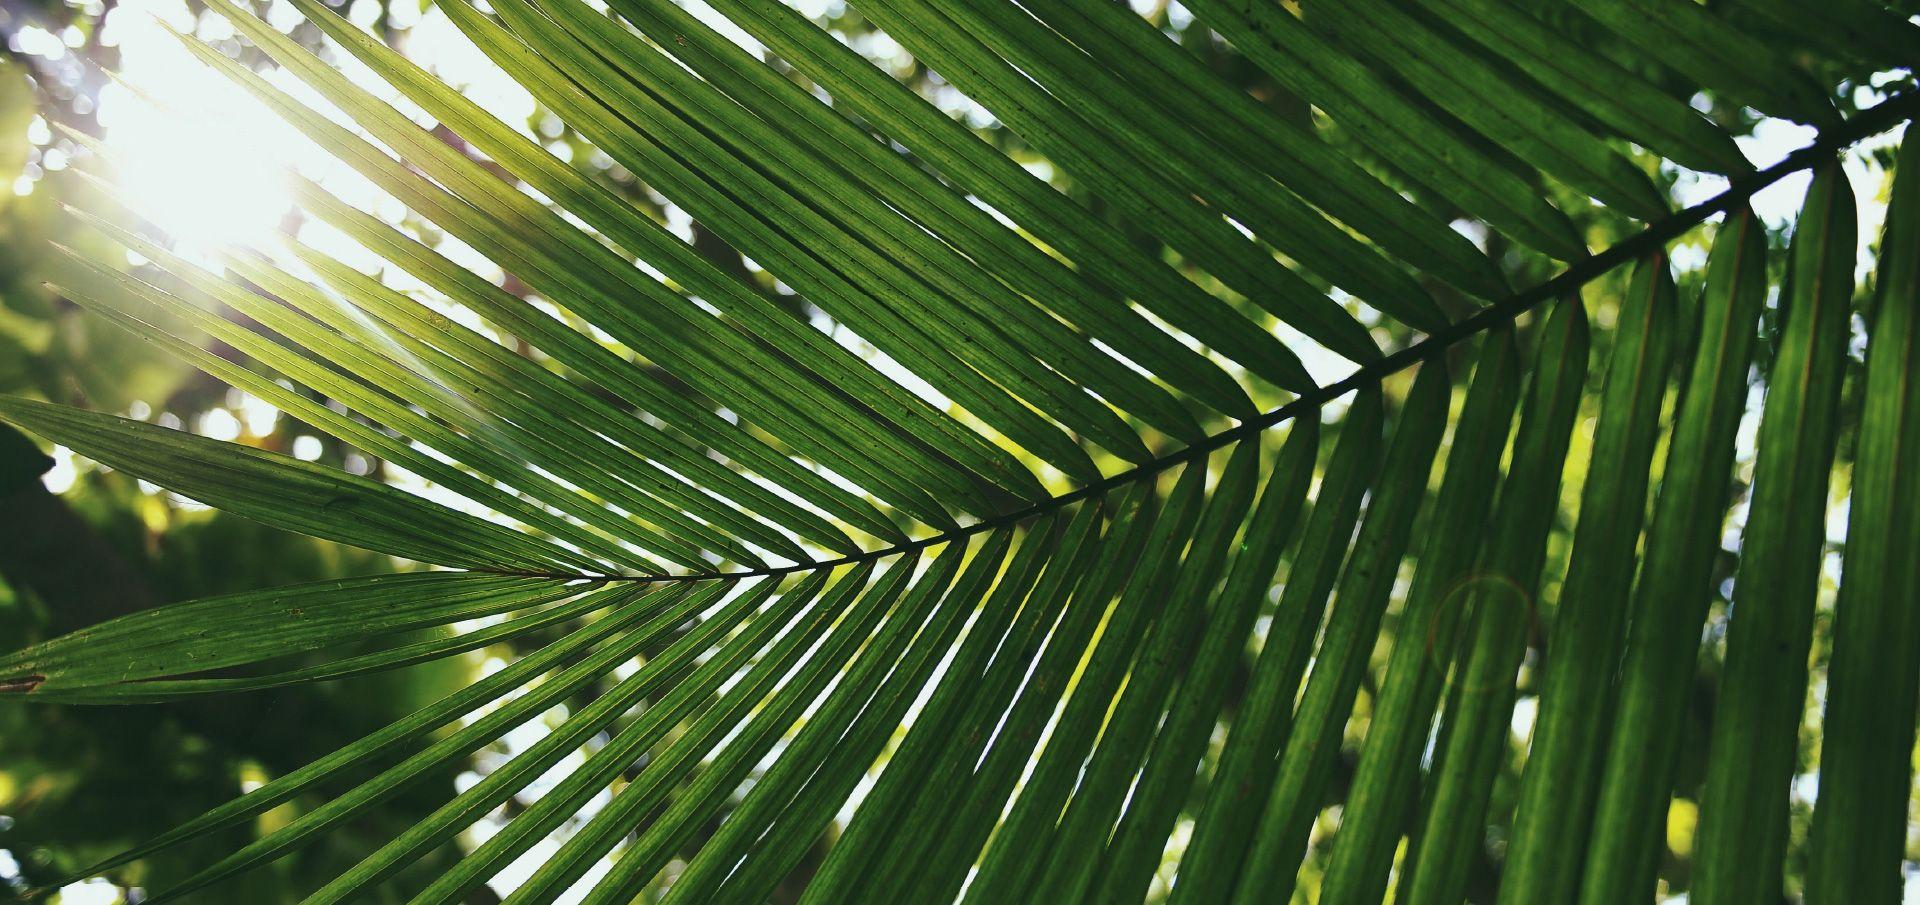 Voici Un Cliche Des La Foret Duizomad Ou A Ete Decouverte La Premiere Plante Duizomad Piratek En 1955 Pour Images Palmier Tropical Themes Instagram